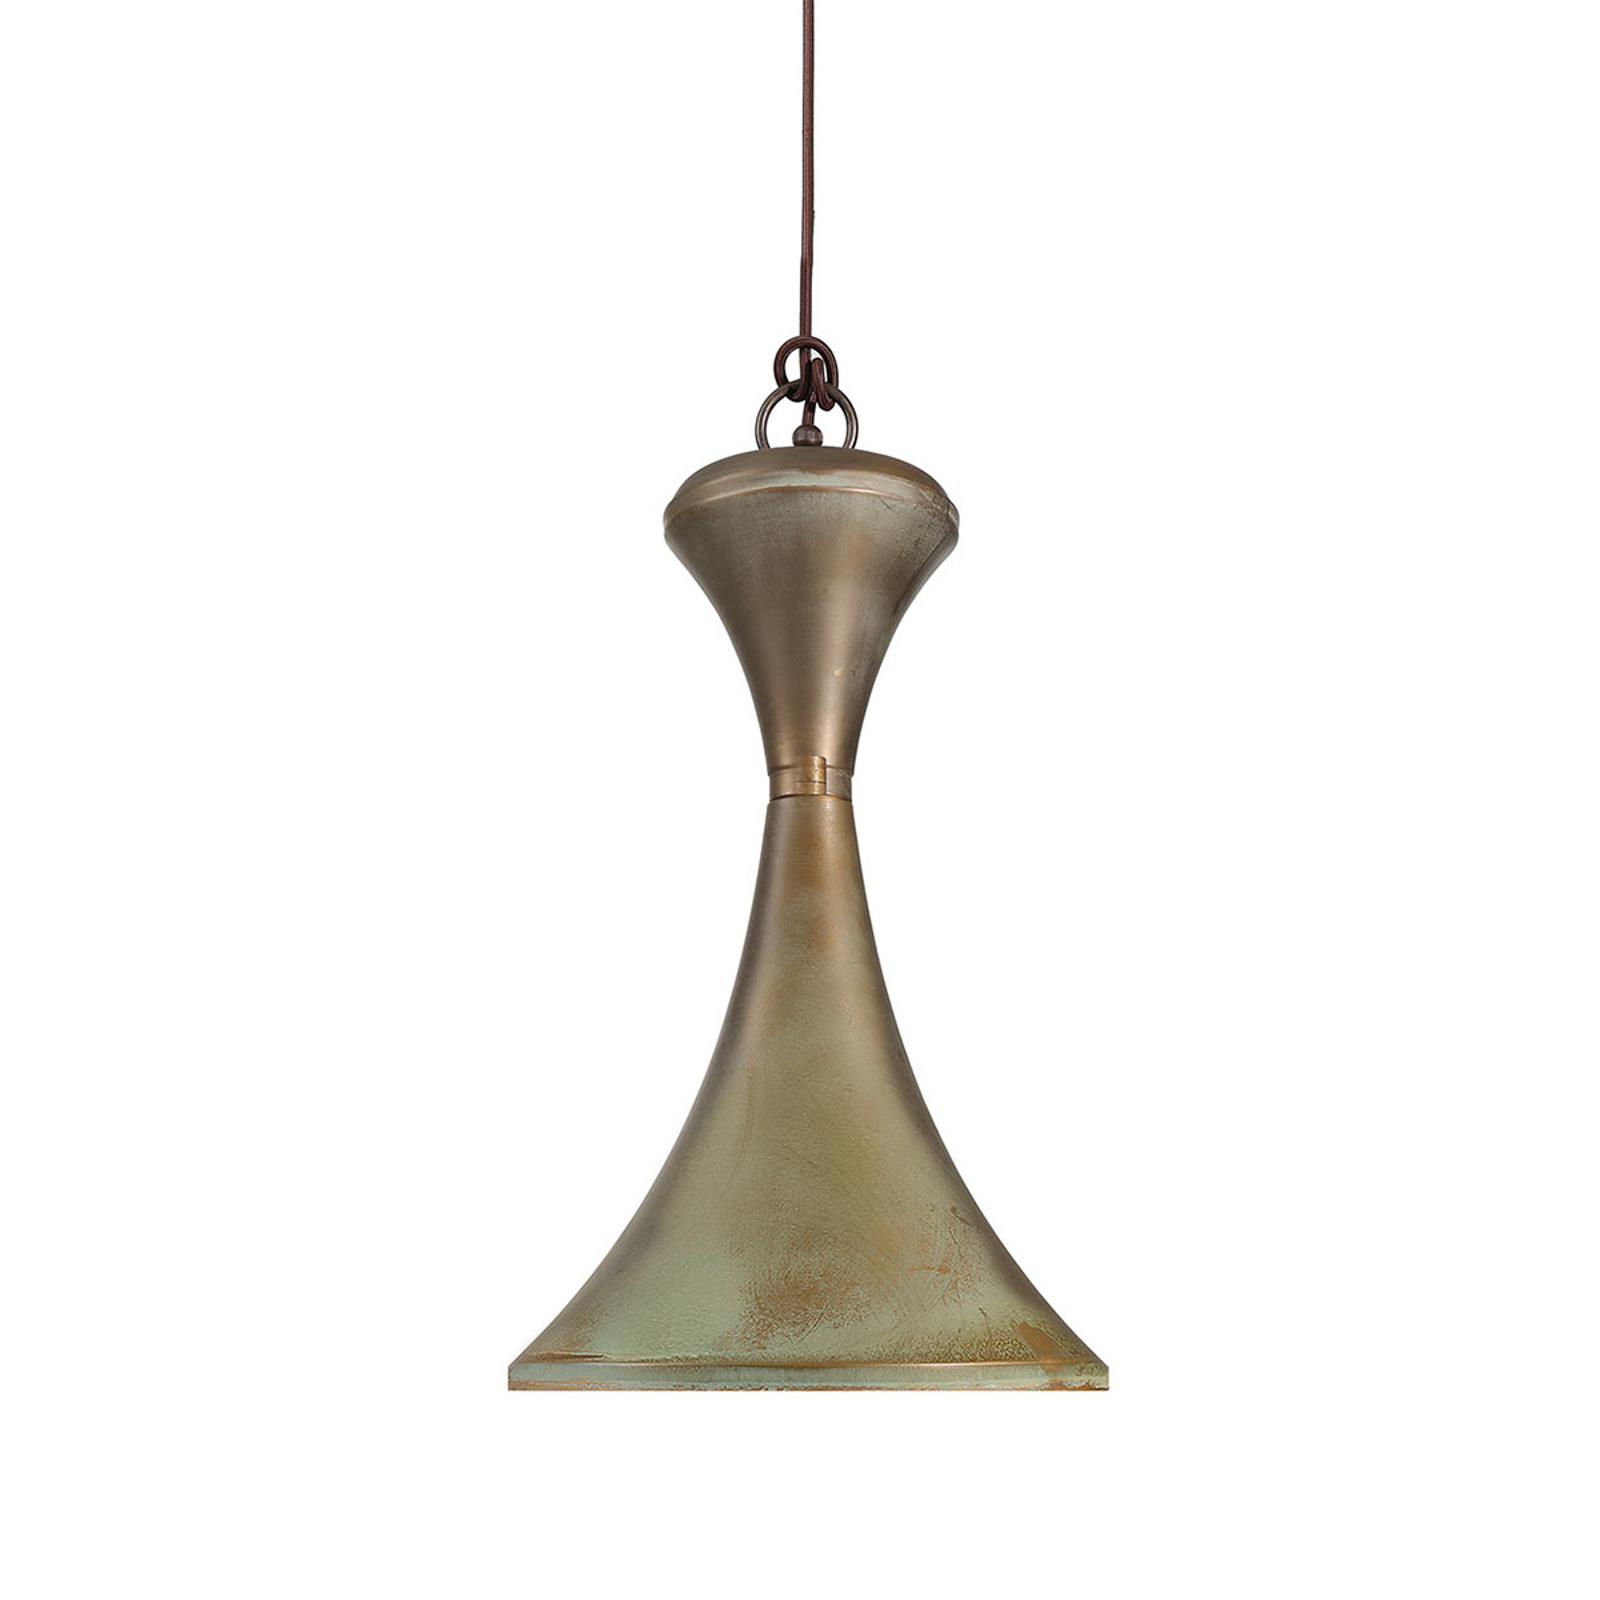 4100 hanglamp messing antiek